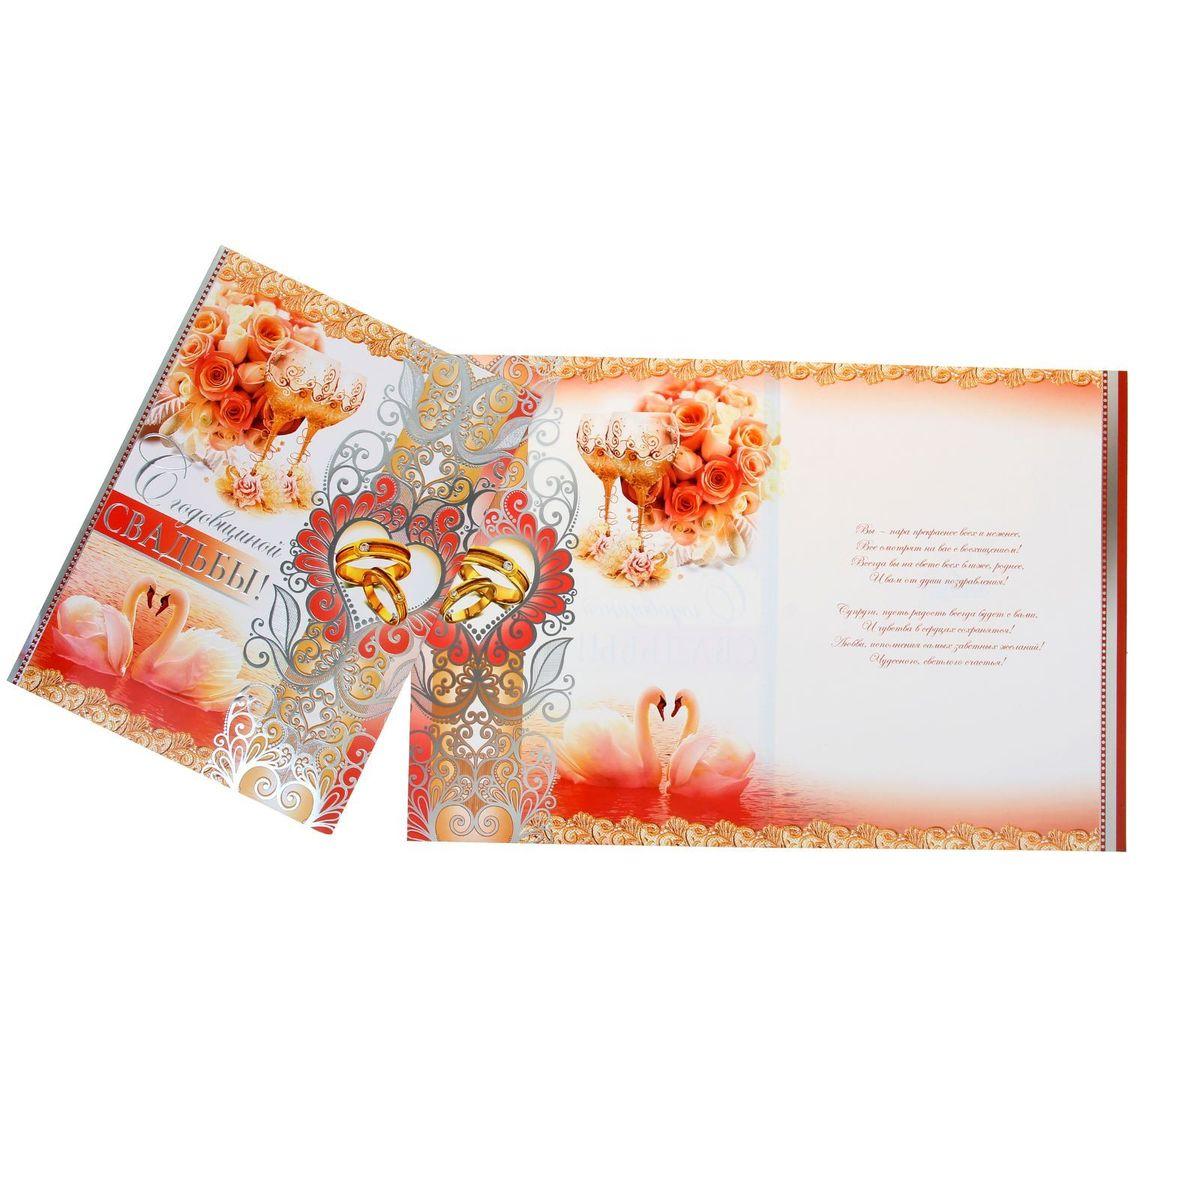 Открытка Атмосфера праздника С днем свадьбы!1156098Если вы хотите порадовать себя или близких, создать праздничное настроение и с улыбкой провести памятный день, то вы, несомненно, сделали правильный выбор! Открытка Атмосфера праздника С днем свадьбы!, выполненная из плотной бумаги, отличается не только оригинальным дизайном, но и высоким качеством.Лицевая сторона изделия оформлена ярким изображением. Внутри открытка содержит текст с поздравлением.Такая открытка непременно порадует получателя и станет отличным напоминанием о проведенном вместе времени.